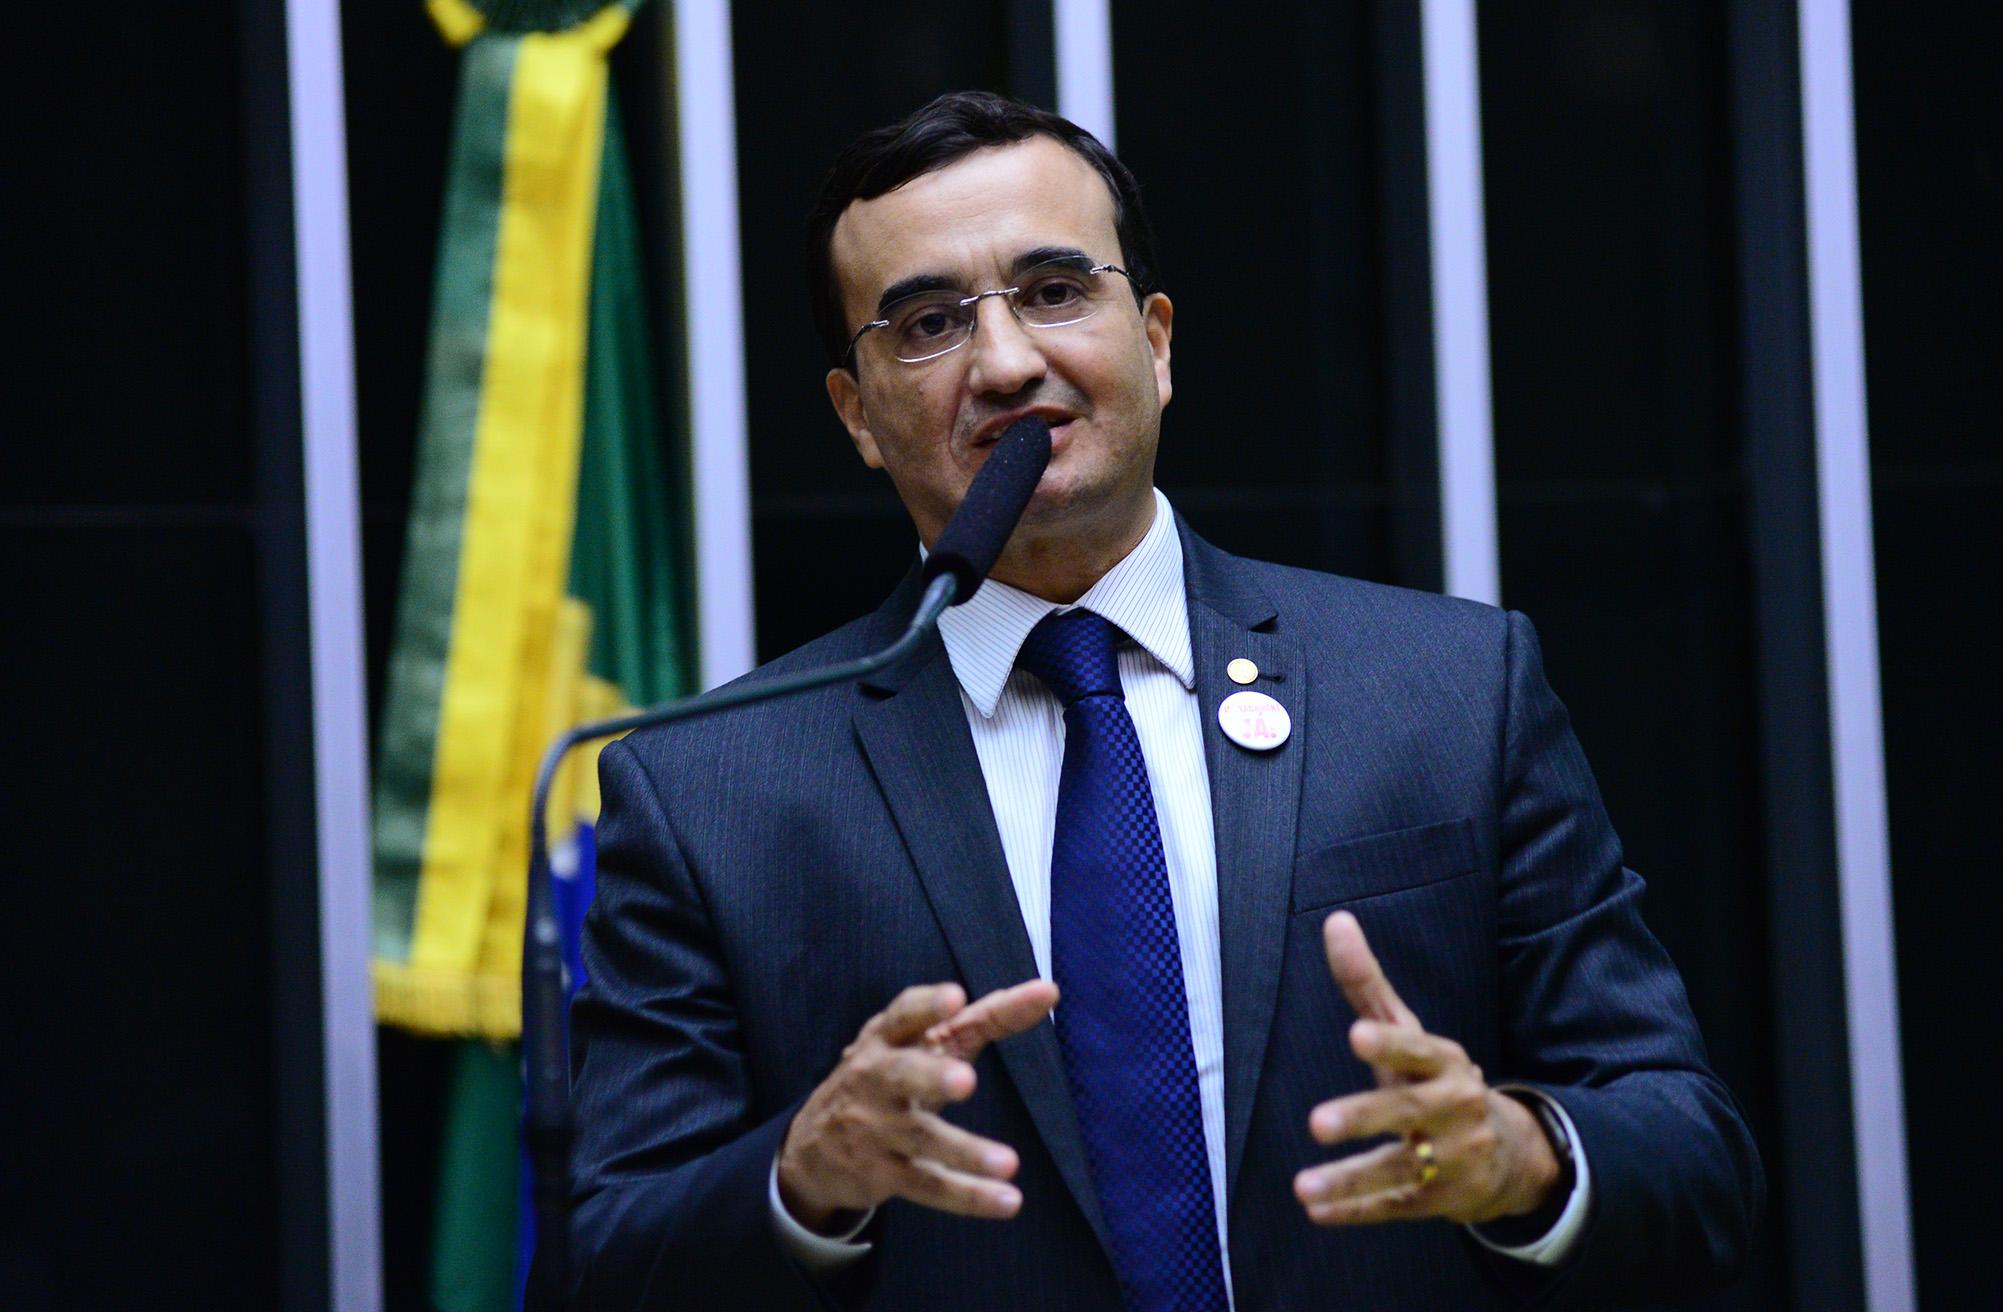 Sessão especial para discussão e votação do parecer do dep. Jovair Arantes (PTB-GO), aprovado em comissão especial, que recomenda a abertura do processo de impeachment da presidente da República. Dep. Benjamin Maranhão (SD-PB)